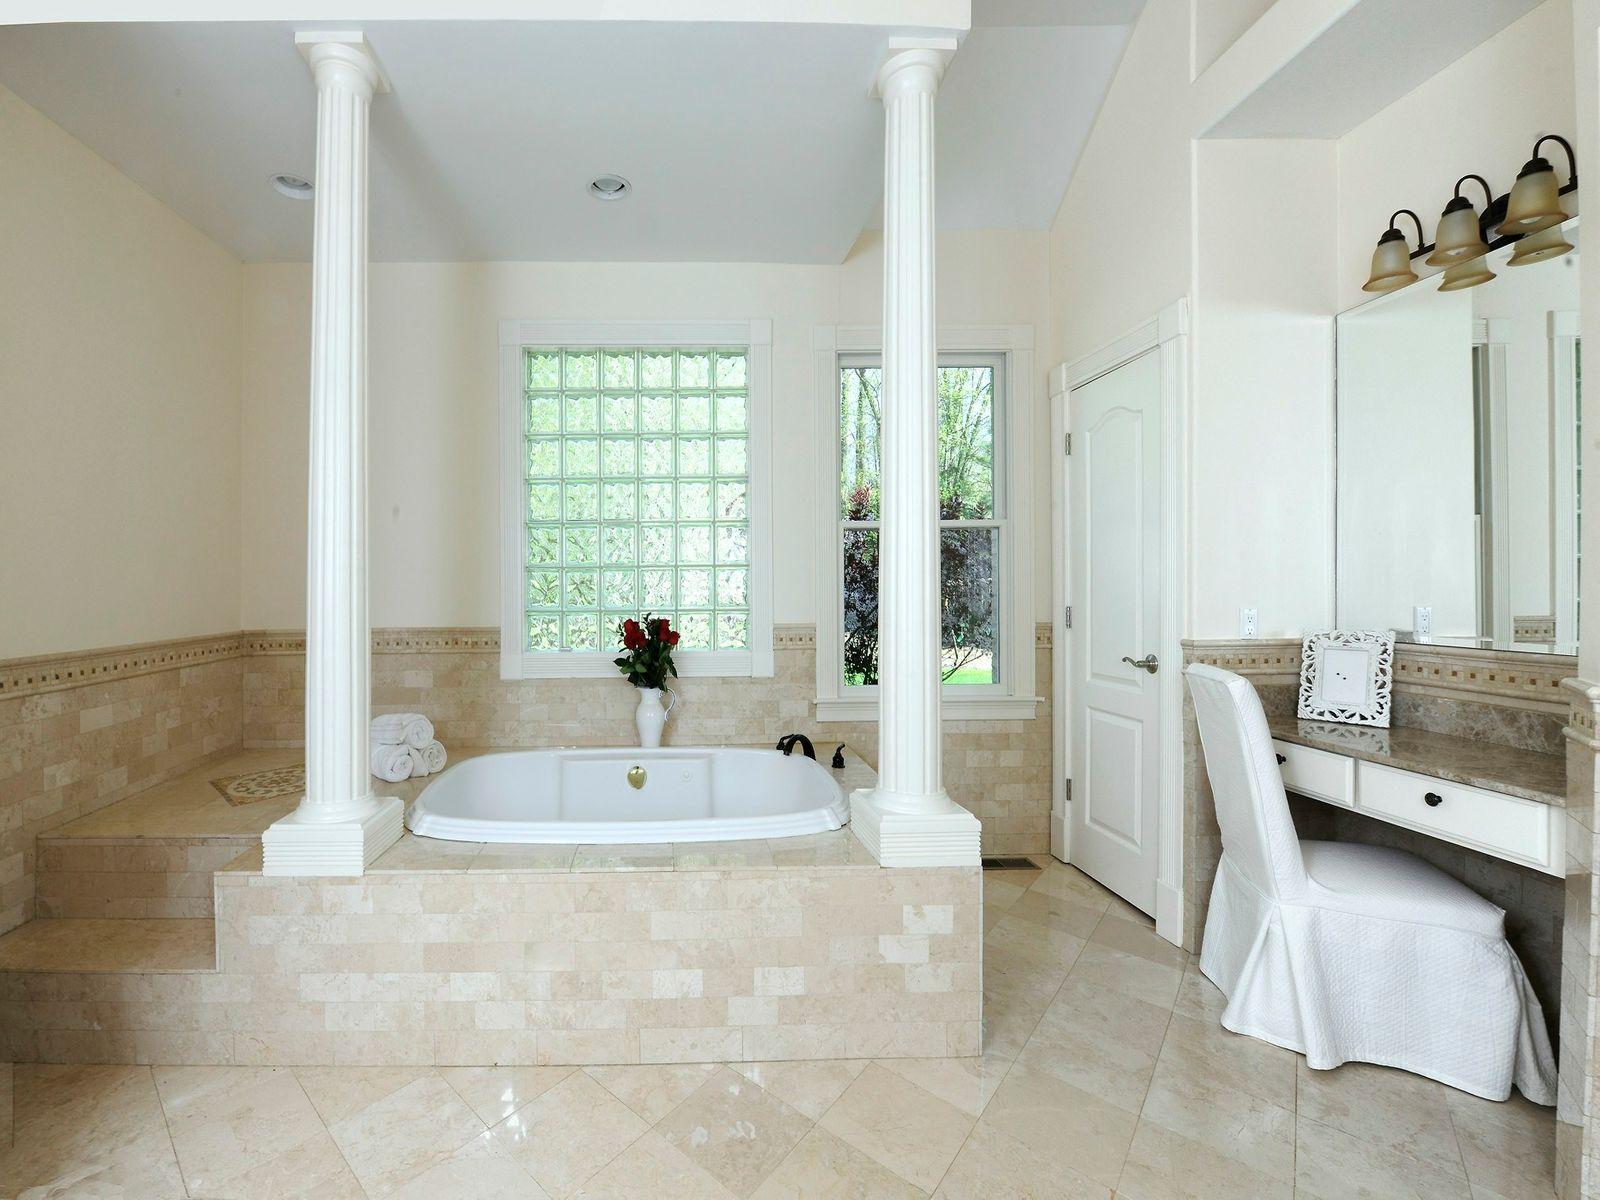 Luxurious Master Bath with Steam Shower